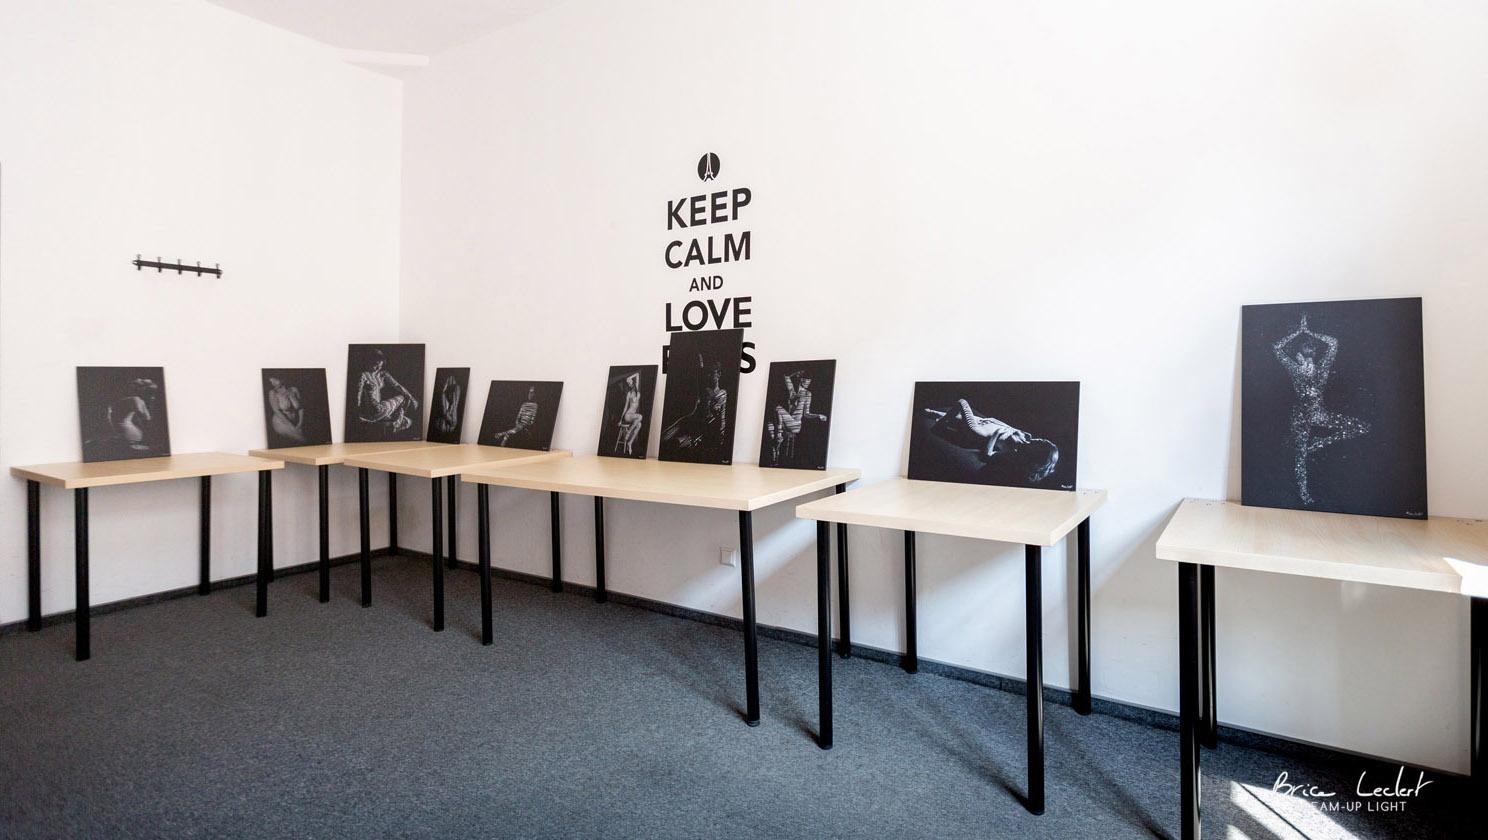 exposition-bni-pologne-katowice-2019-alliance-française